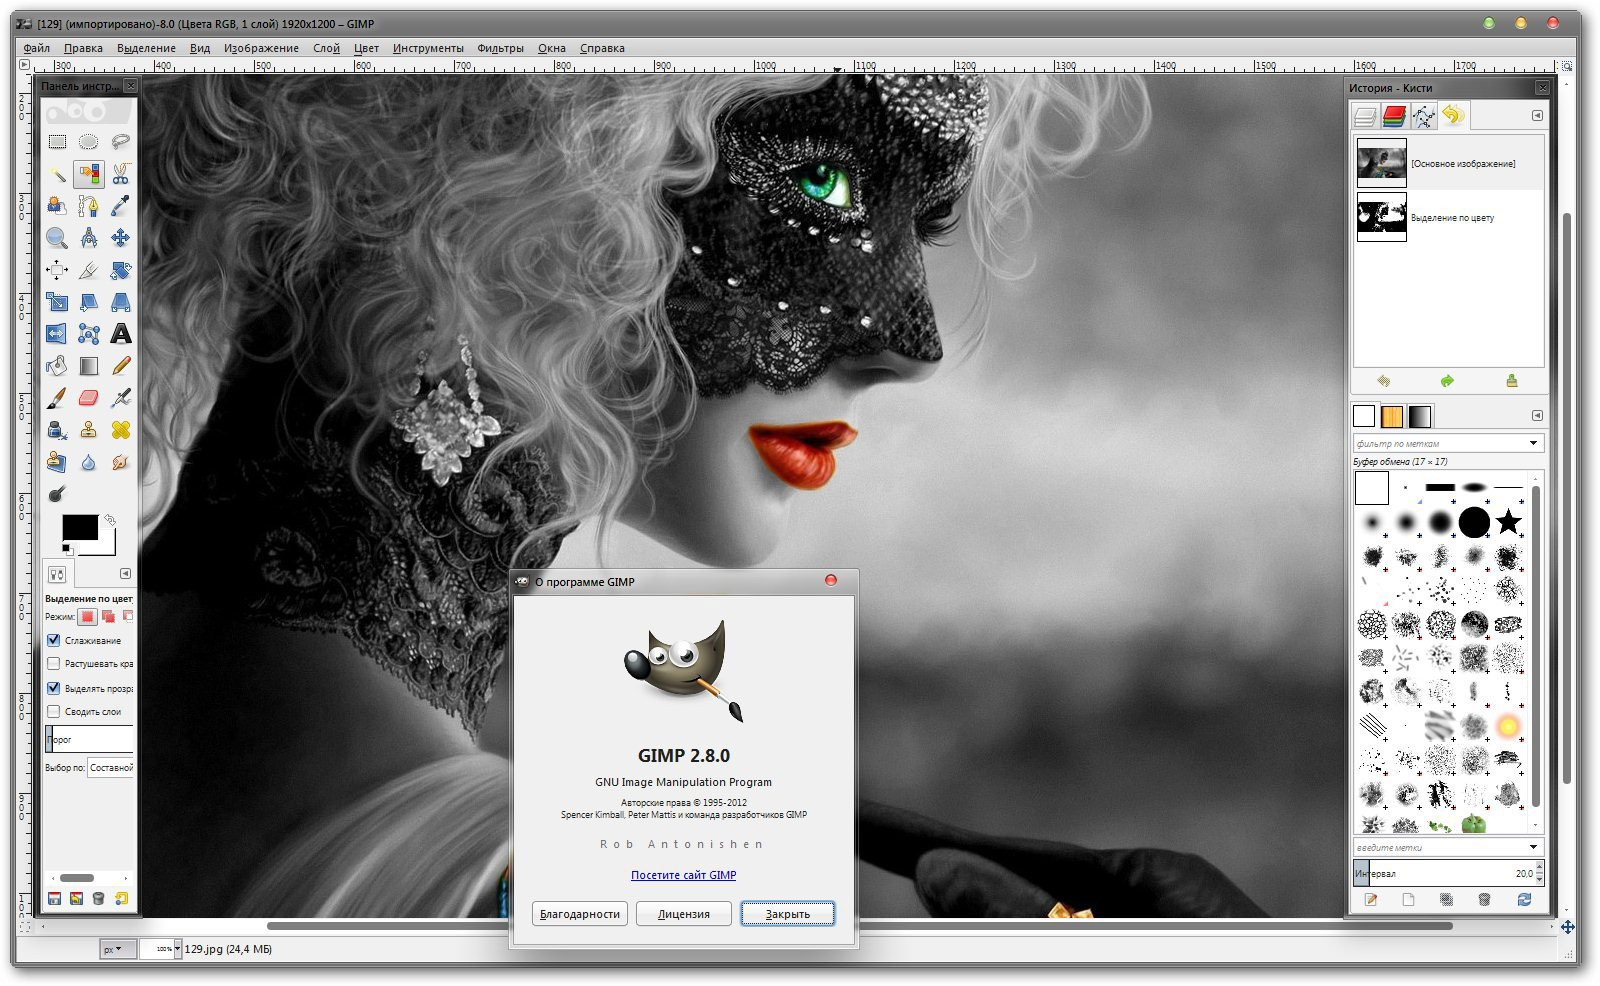 Фоторедактор GIMP для компьютера